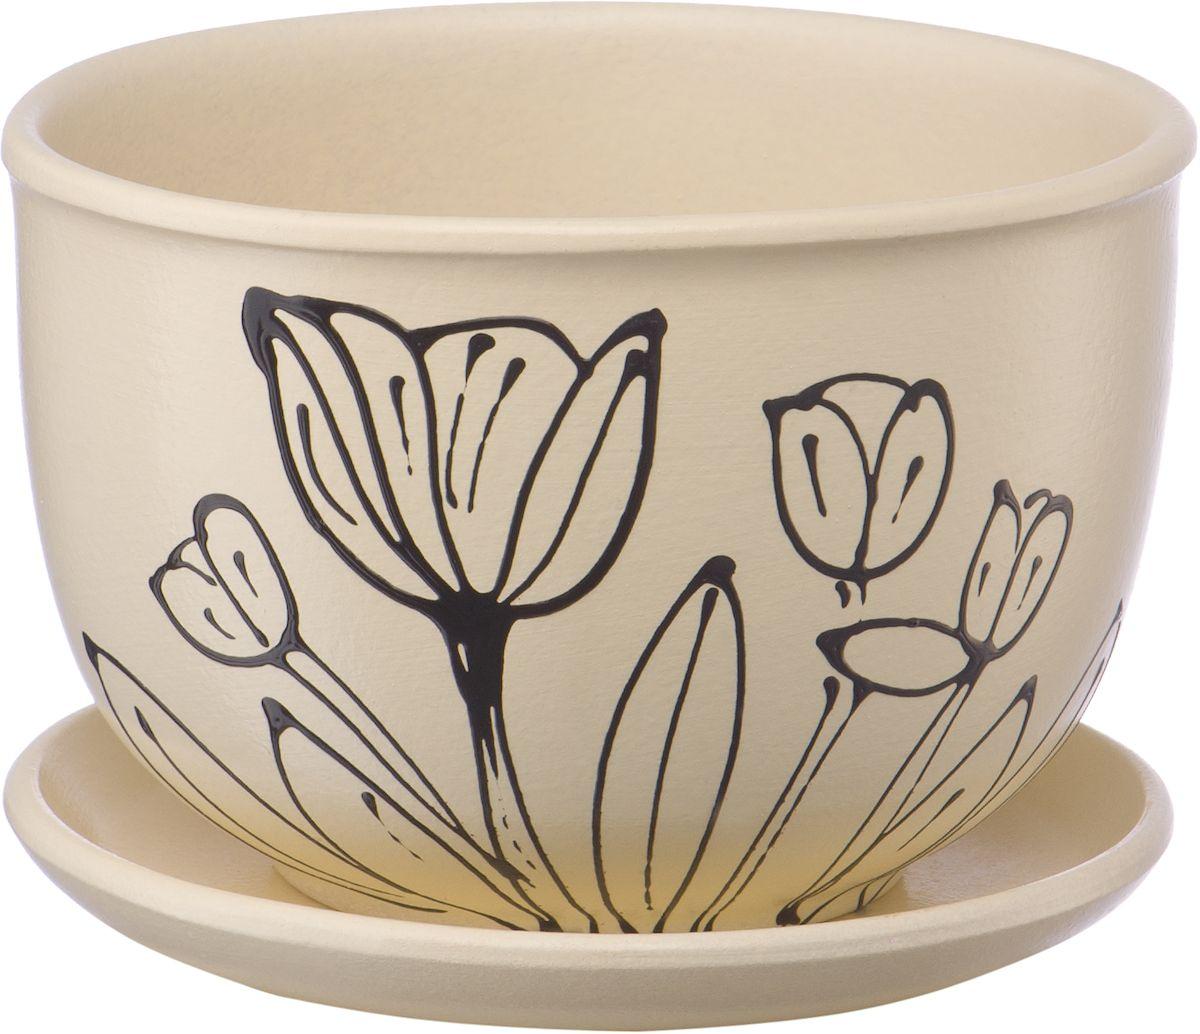 Горшок цветочный Engard, с поддоном, 0,5 л. BH-23-8BH-23-8Керамический горшок Engard - это идеальное решение для выращивания комнатных растений и создания изысканности в интерьере. Керамический горшок сделан из высококачественной глины в классической форме и оригинальном дизайне.Объем: 0,5 л.